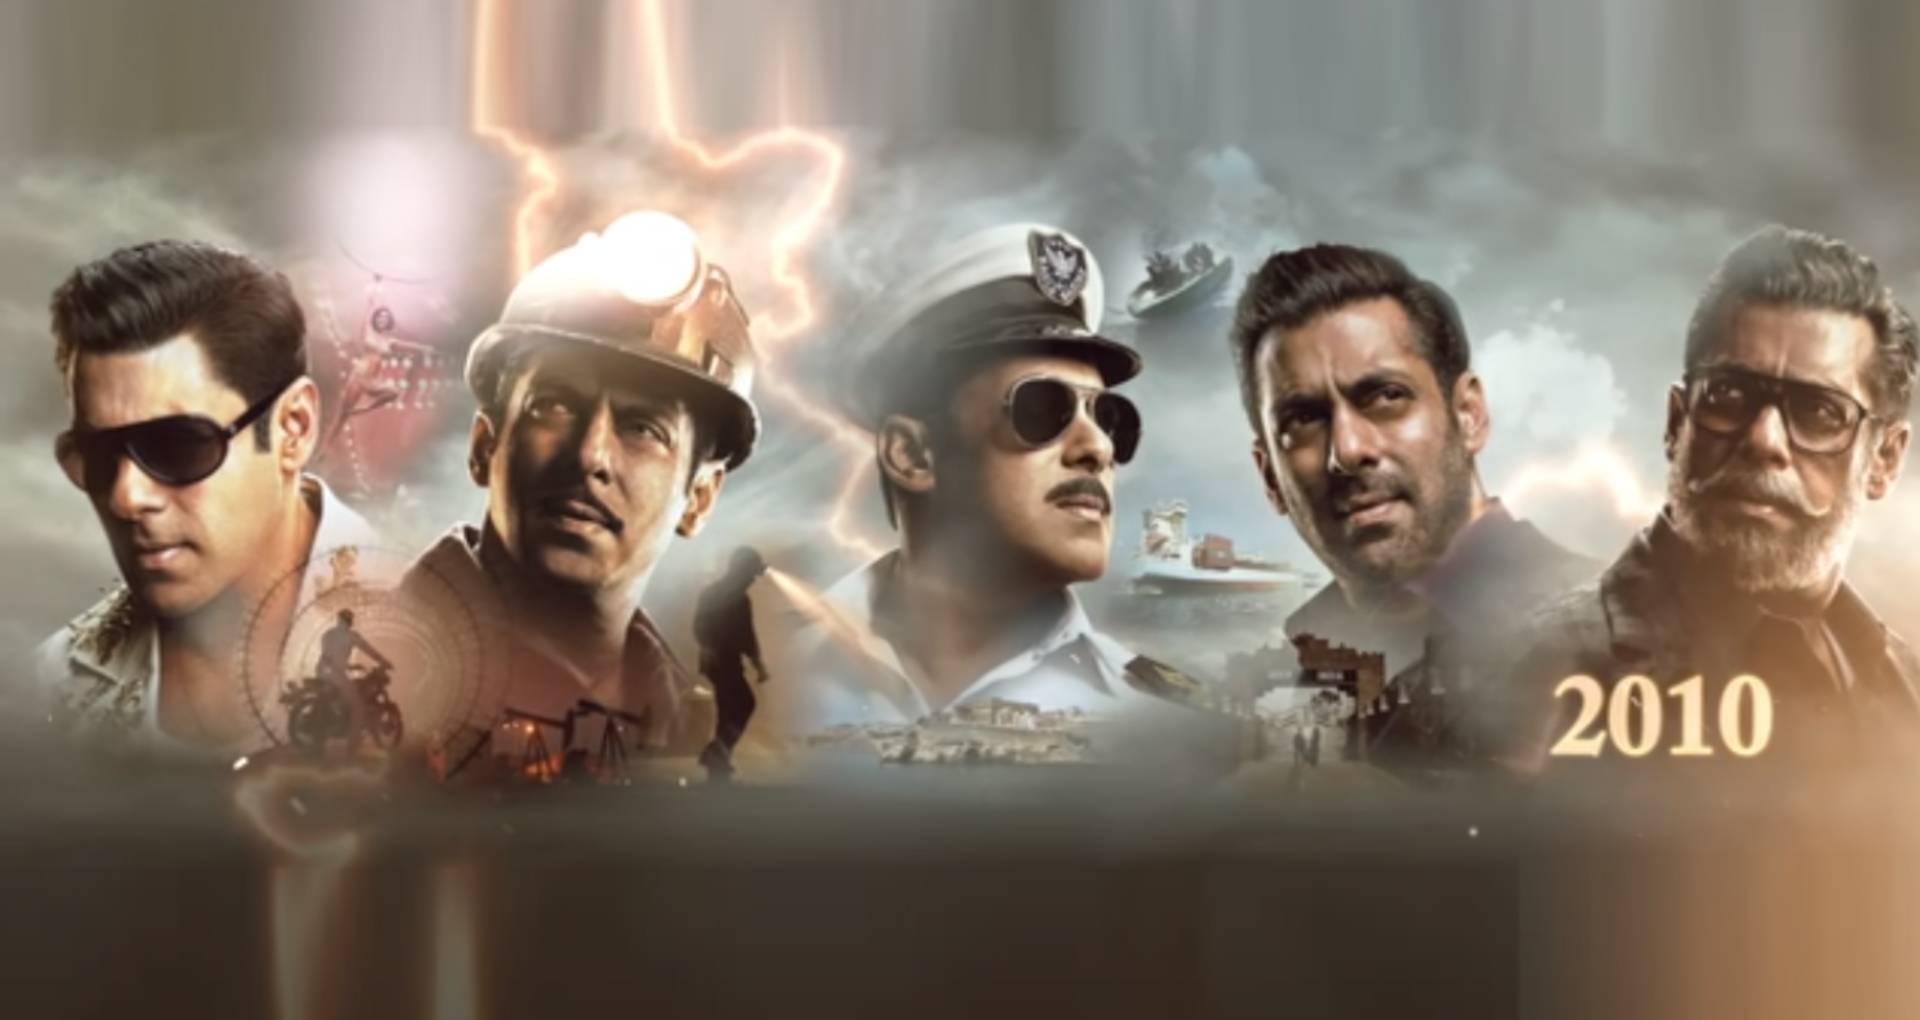 सलमान खान ने शेयर किया फिल्म भारत का मोशन पोस्टर, 1964 से लेकर 2010 तक के पांच लुक में दिखे भाईजान